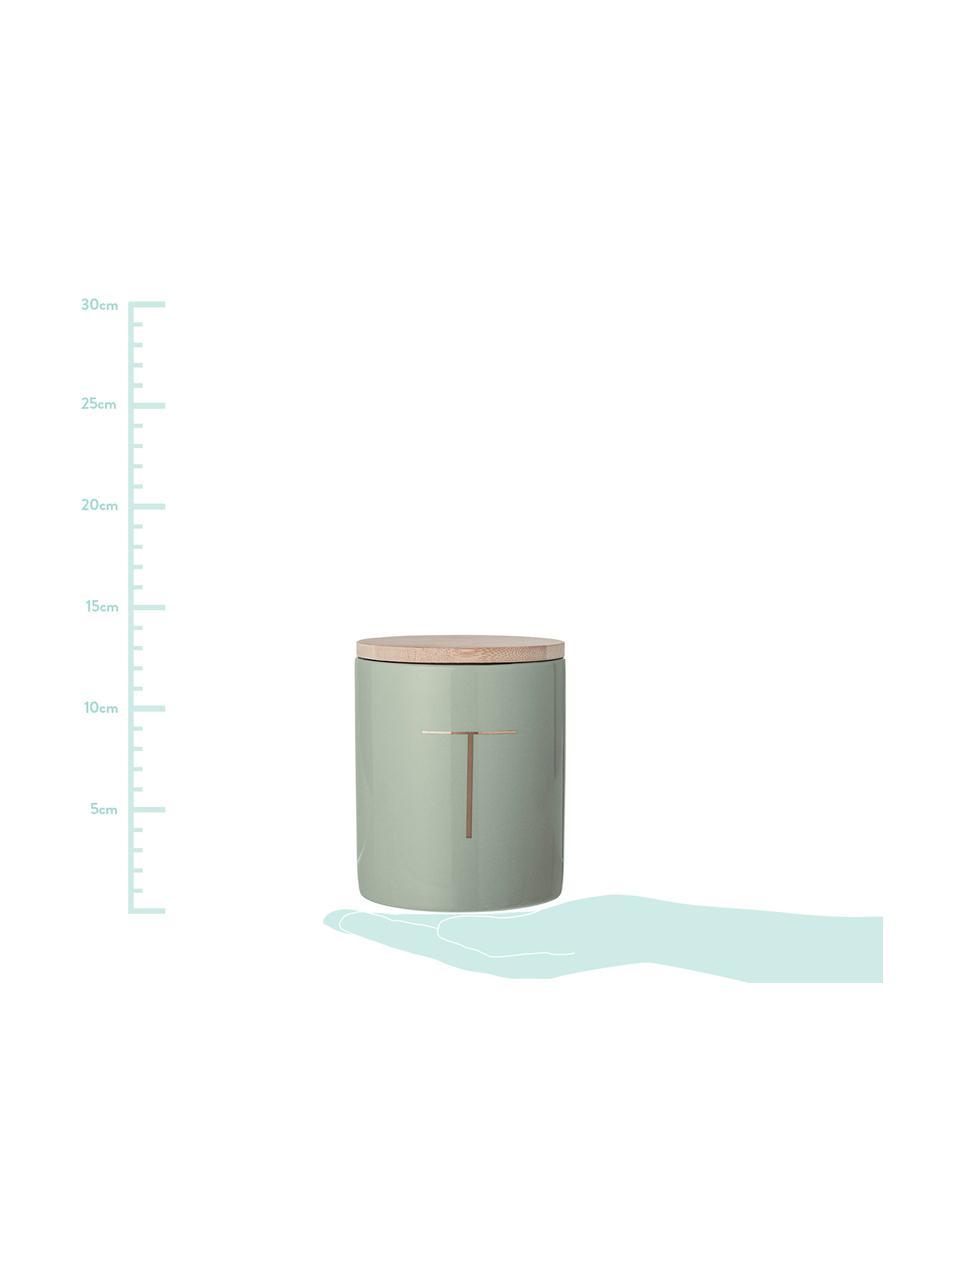 Komplet pojemników do przechowywania Aileen, 2elem., Zielony miętowy, drewno bambusowe, Ø 10 x W 13 cm